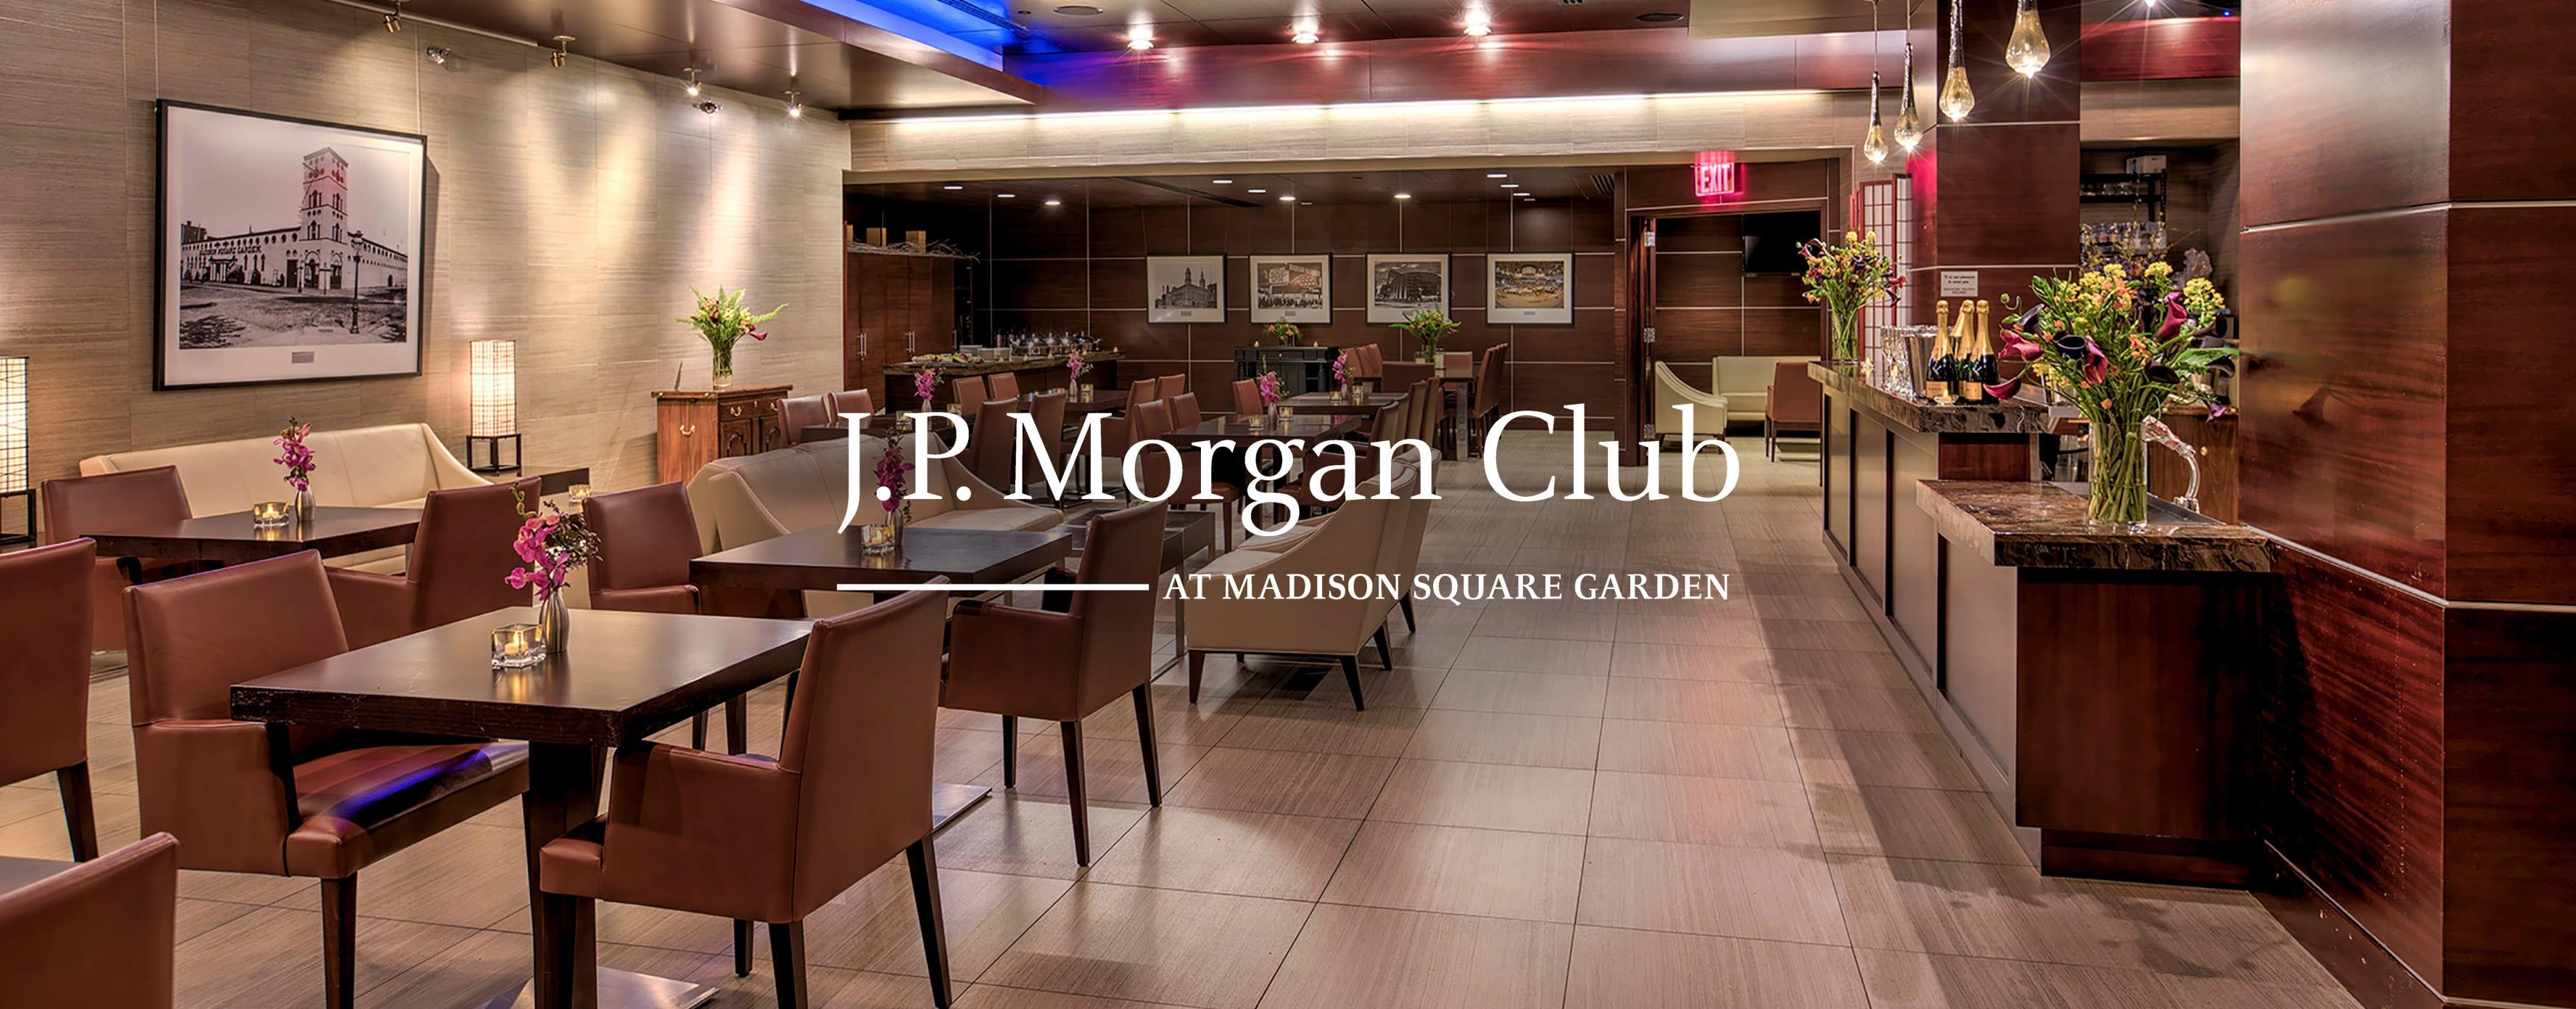 J P Morgan Club Msg